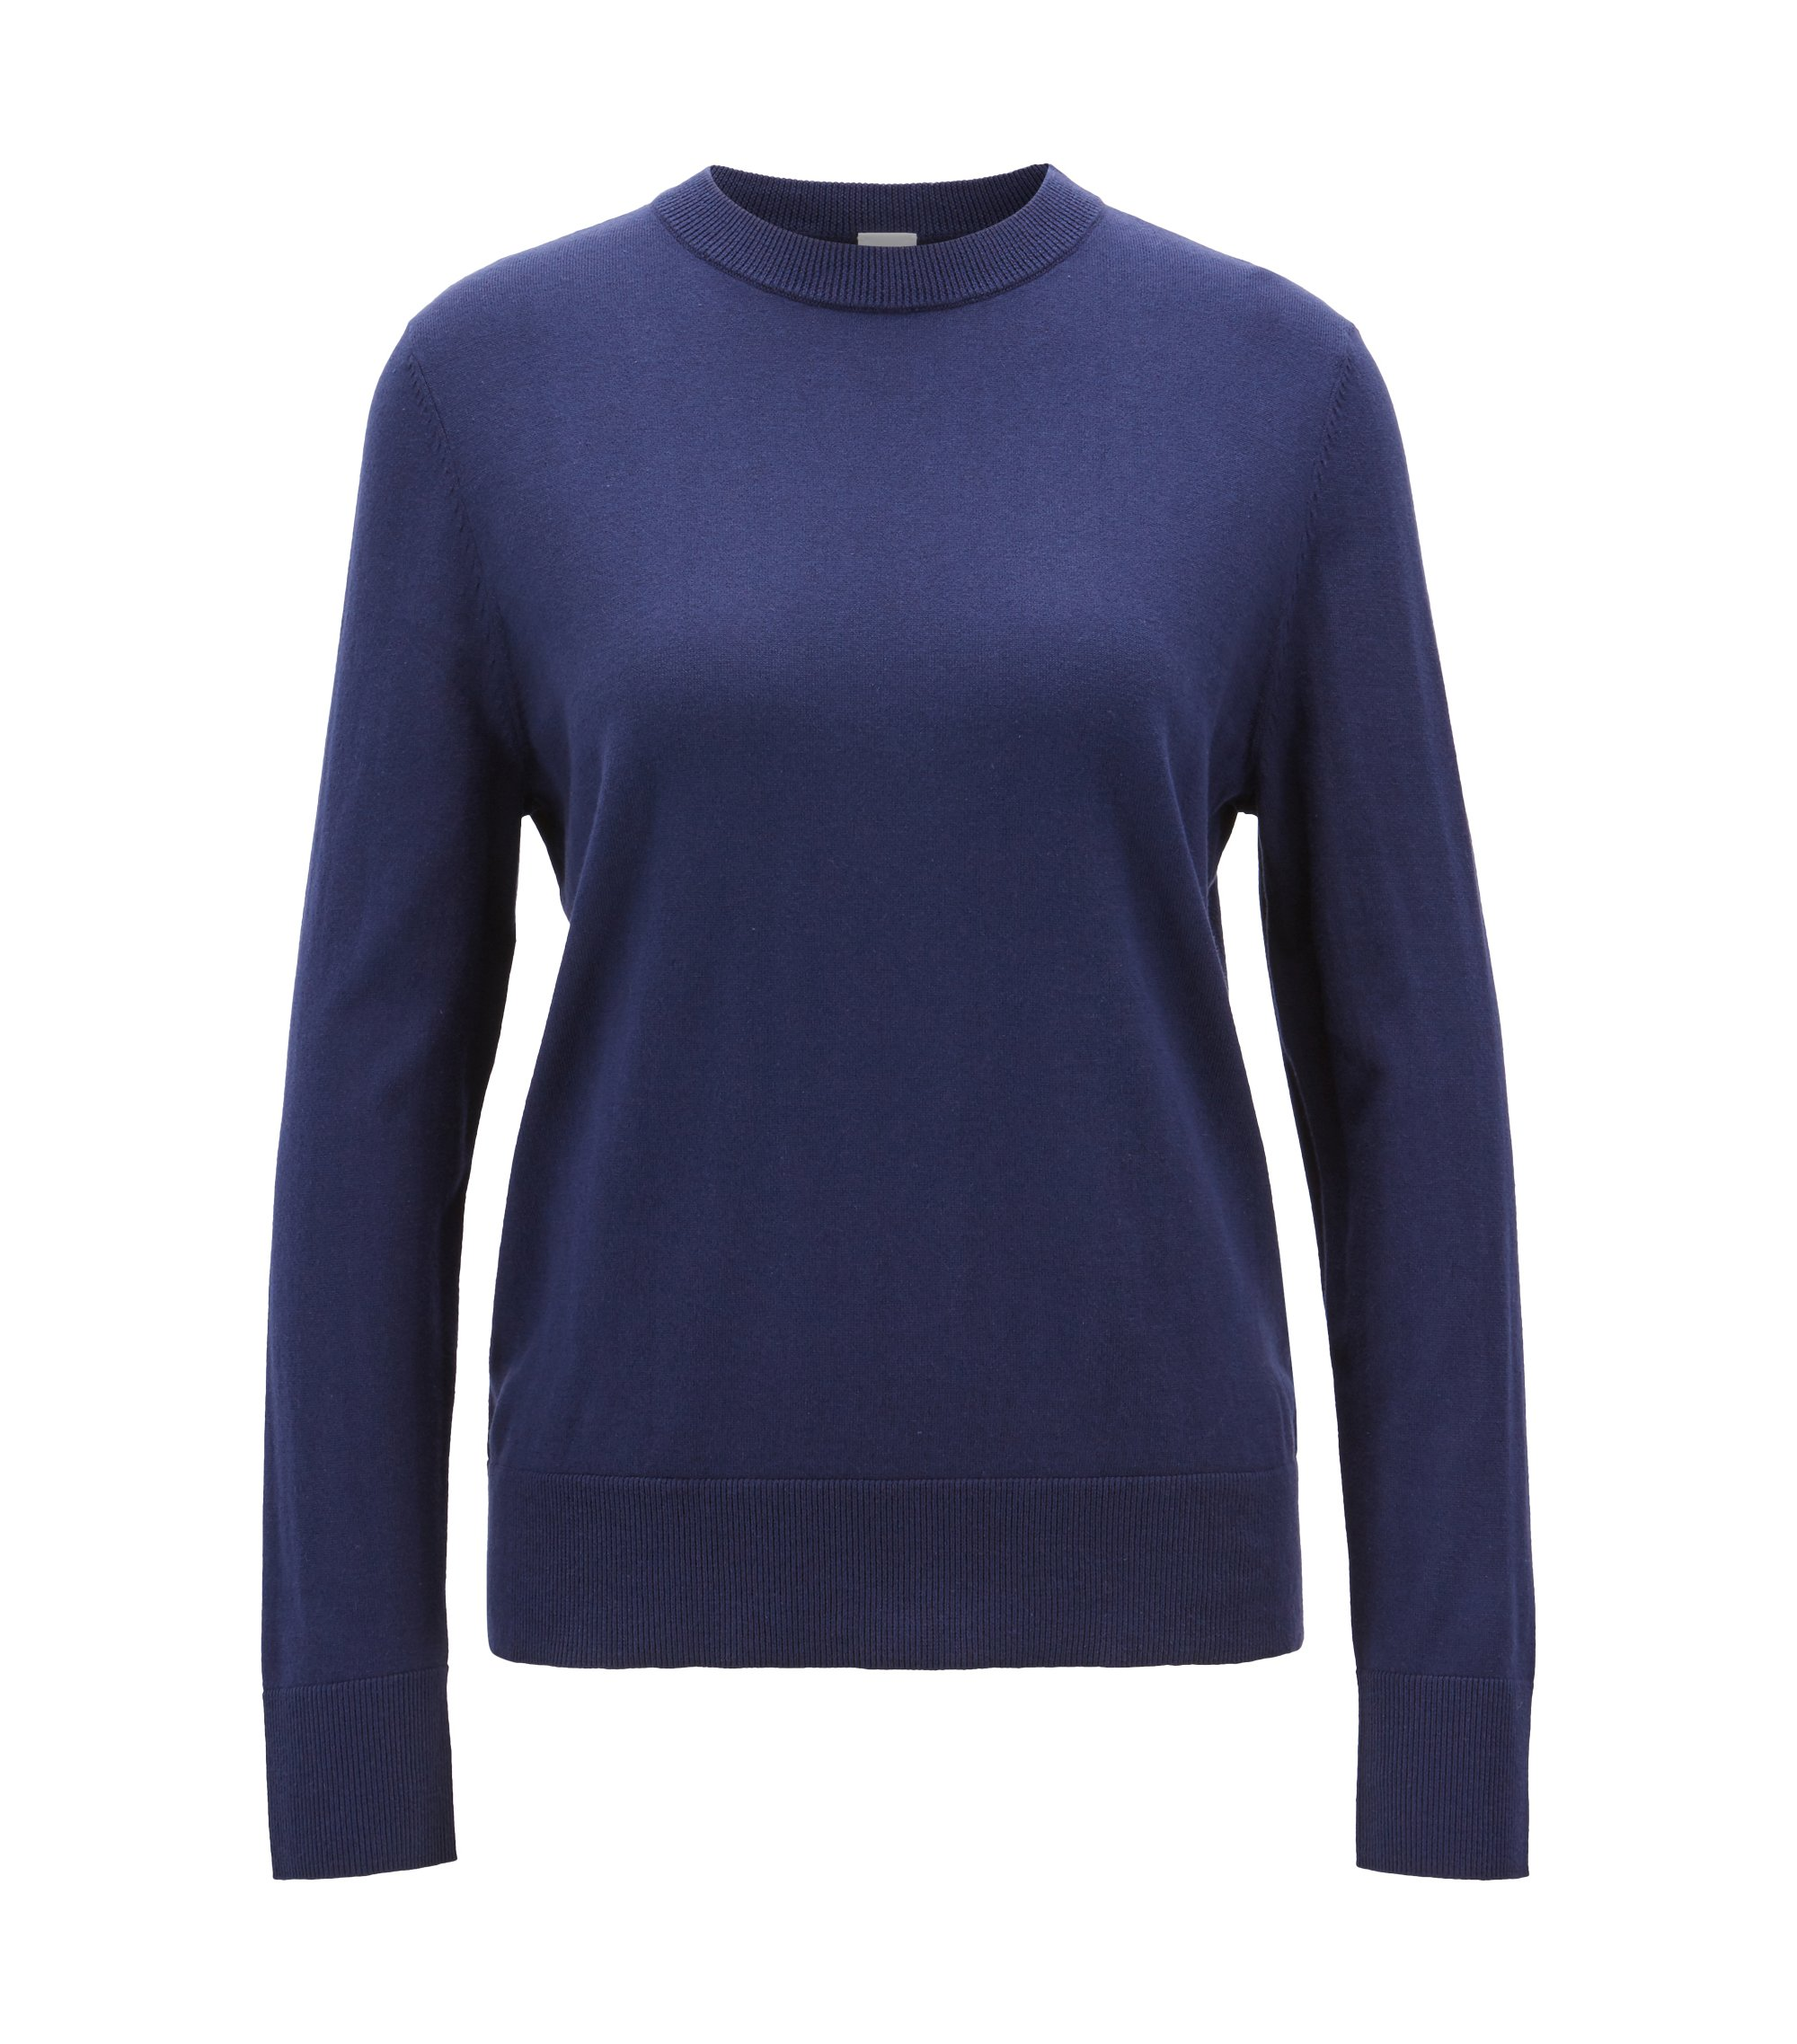 Lichte trui van katoen met zijde en kasjmier, Donkerblauw